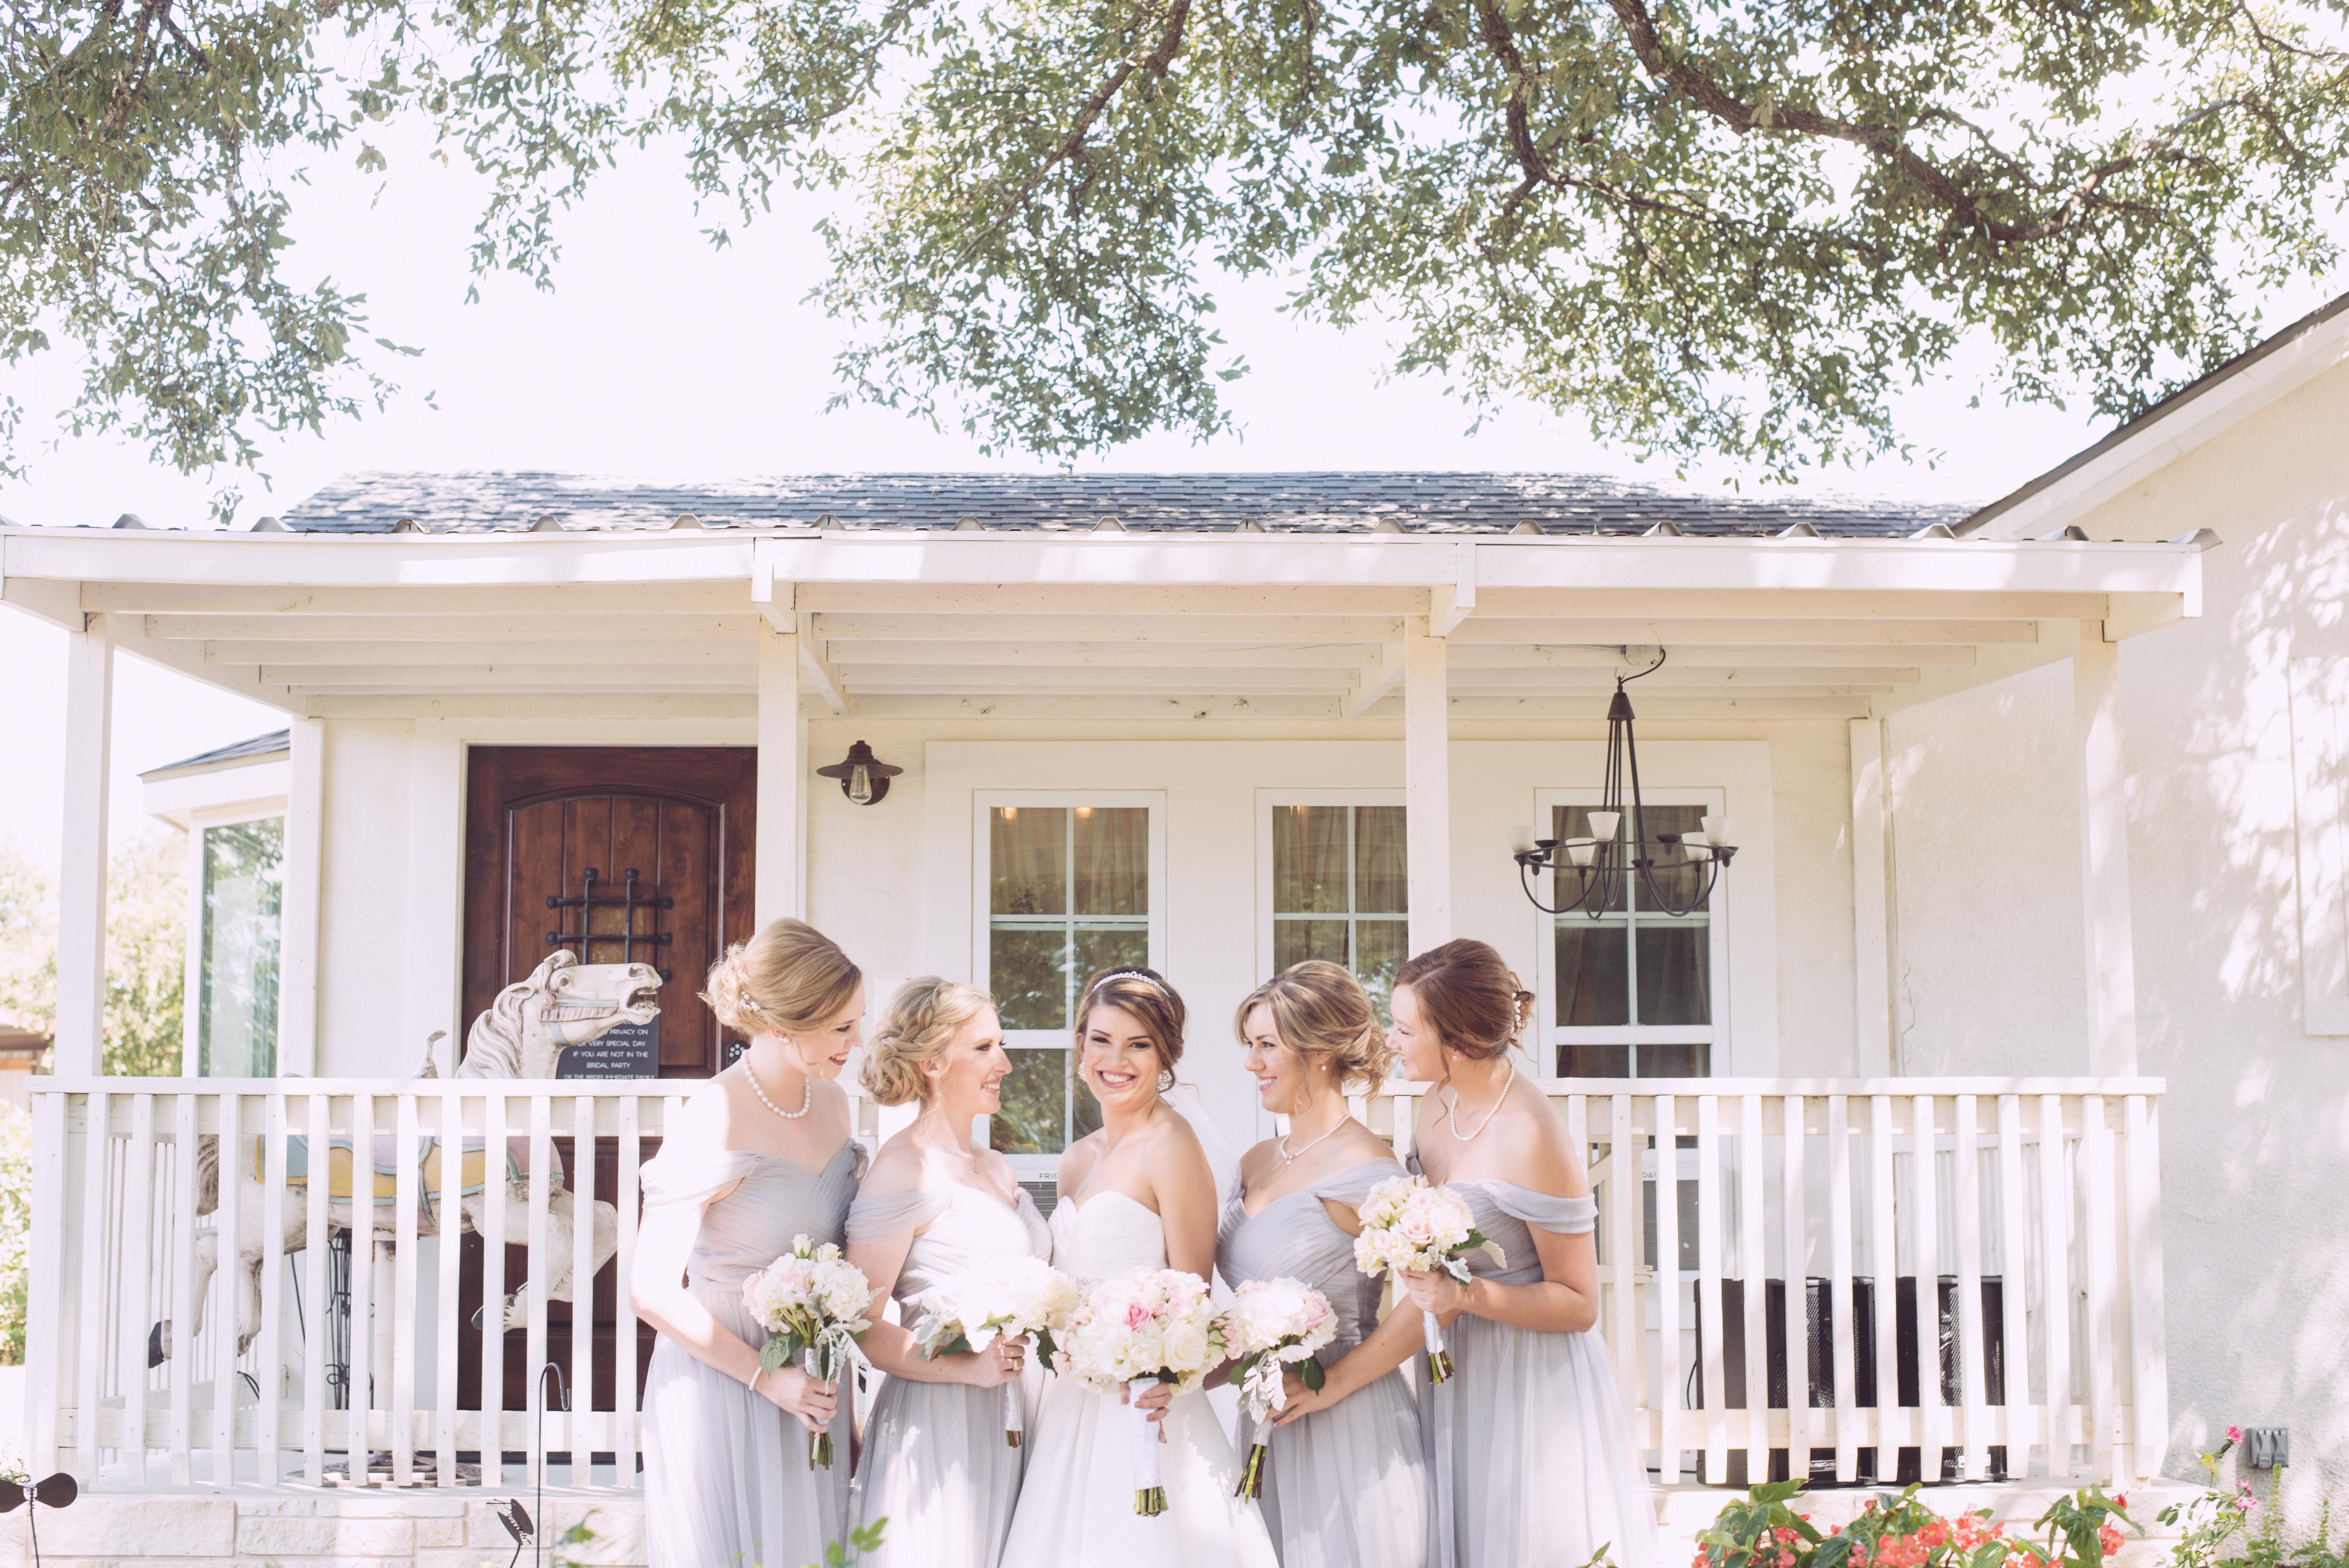 acwedding-780578acwedding